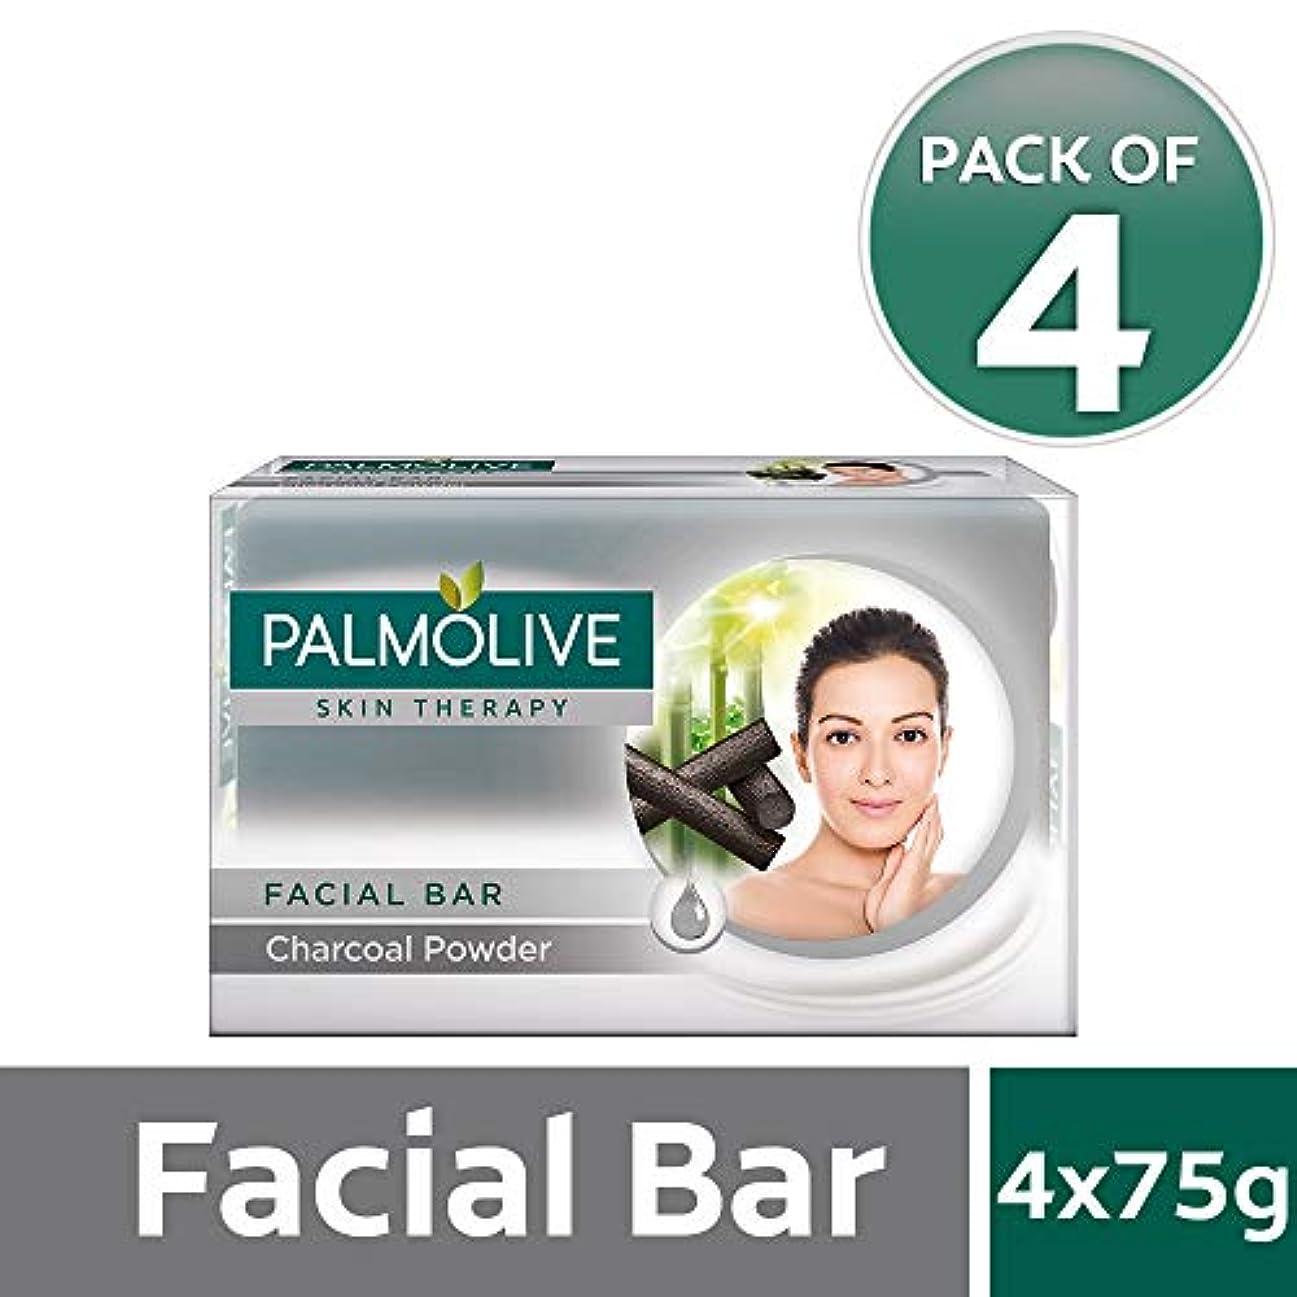 不名誉な受粉者三角Palmolive Skin Therapy Facial Bar Soap with Charcoal Powder - 75g (Pack of 4)